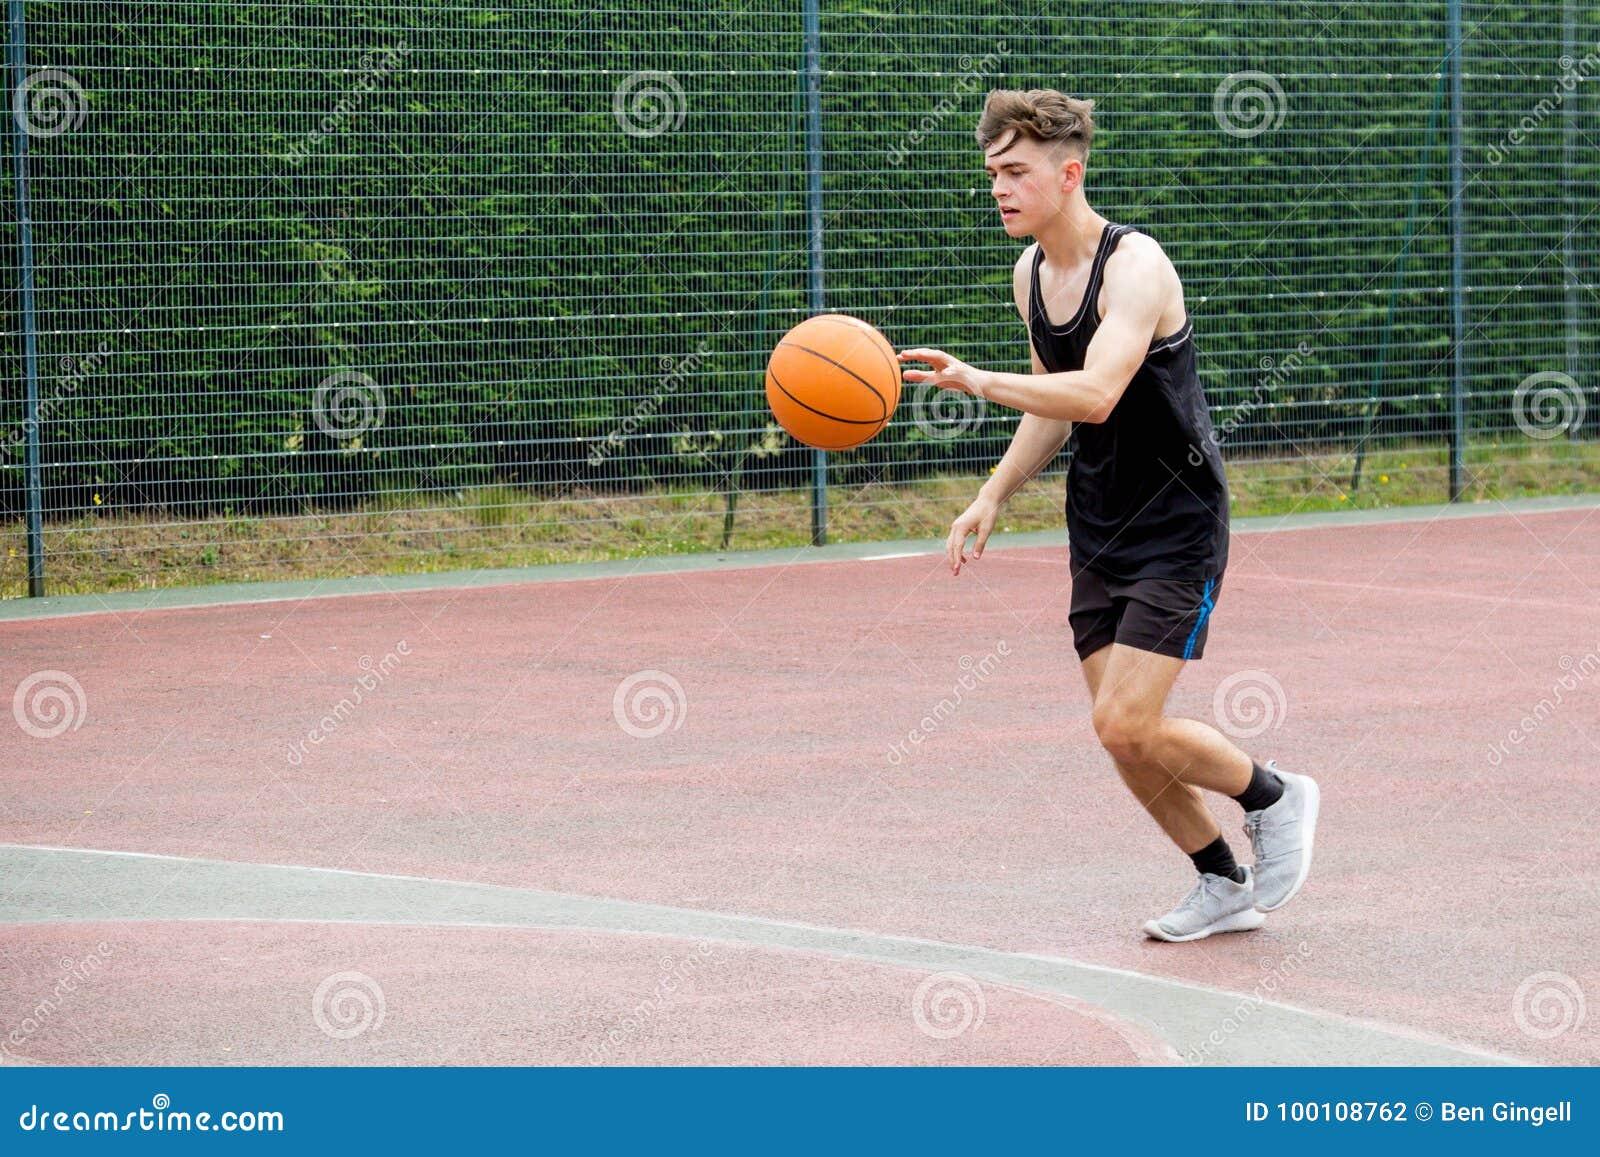 Adolescente en una cancha de básquet